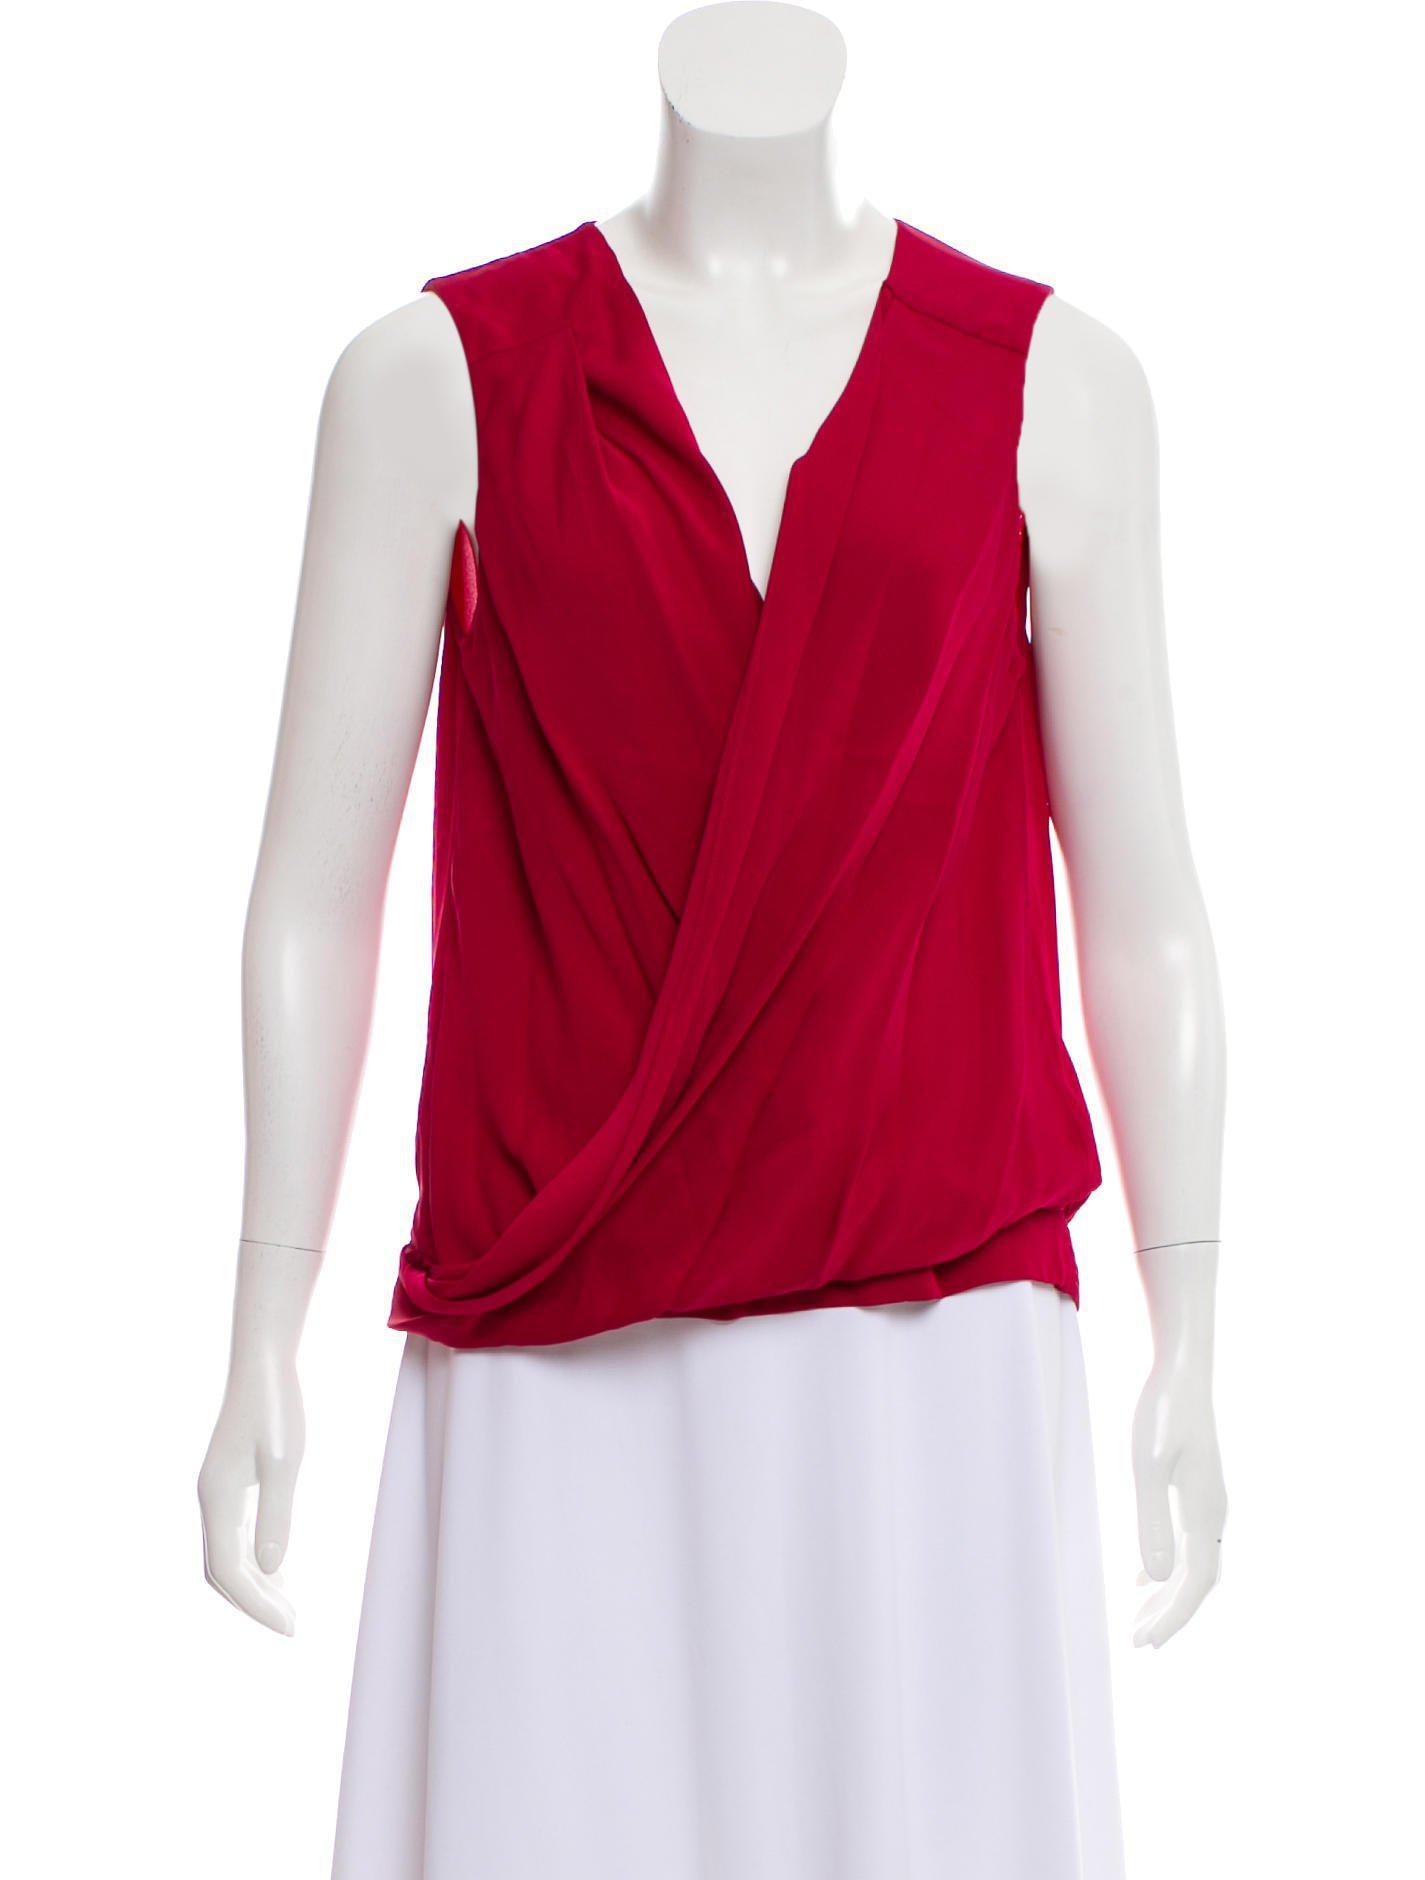 845d2df009a12 Lyst - Diane Von Furstenberg New Issie Two Silk Top in Pink